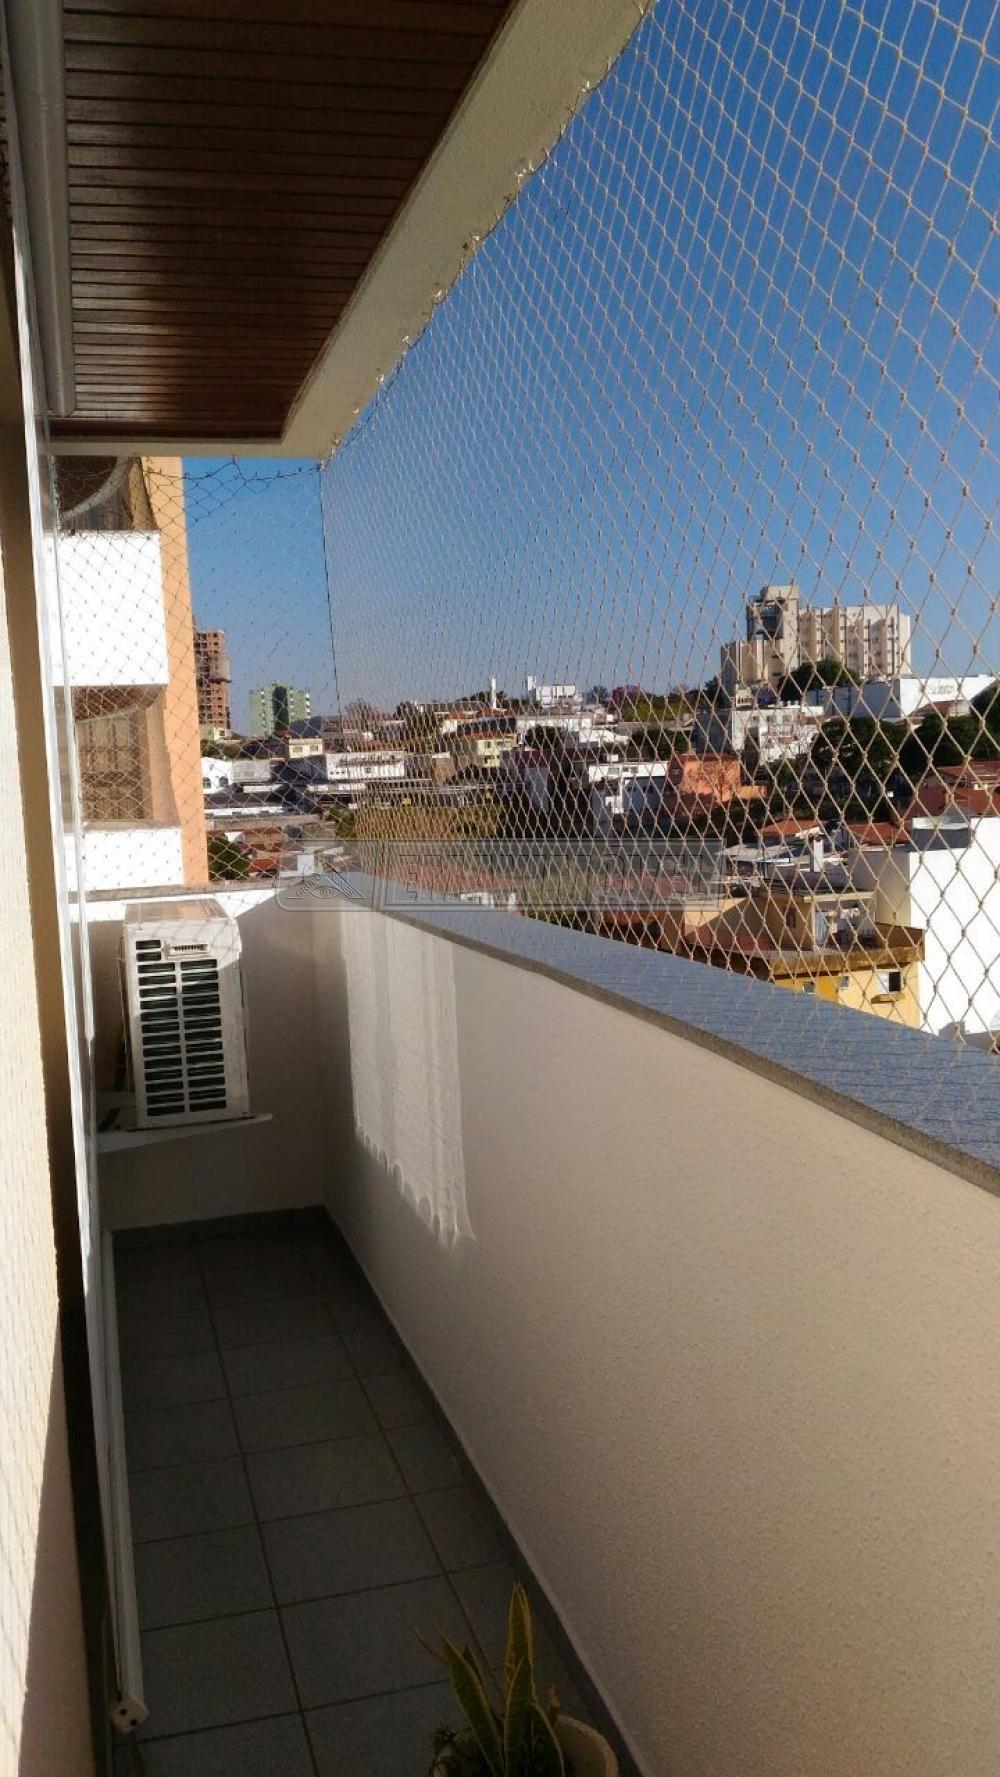 Comprar Apartamentos / Apto Padrão em Sorocaba apenas R$ 560.000,00 - Foto 7